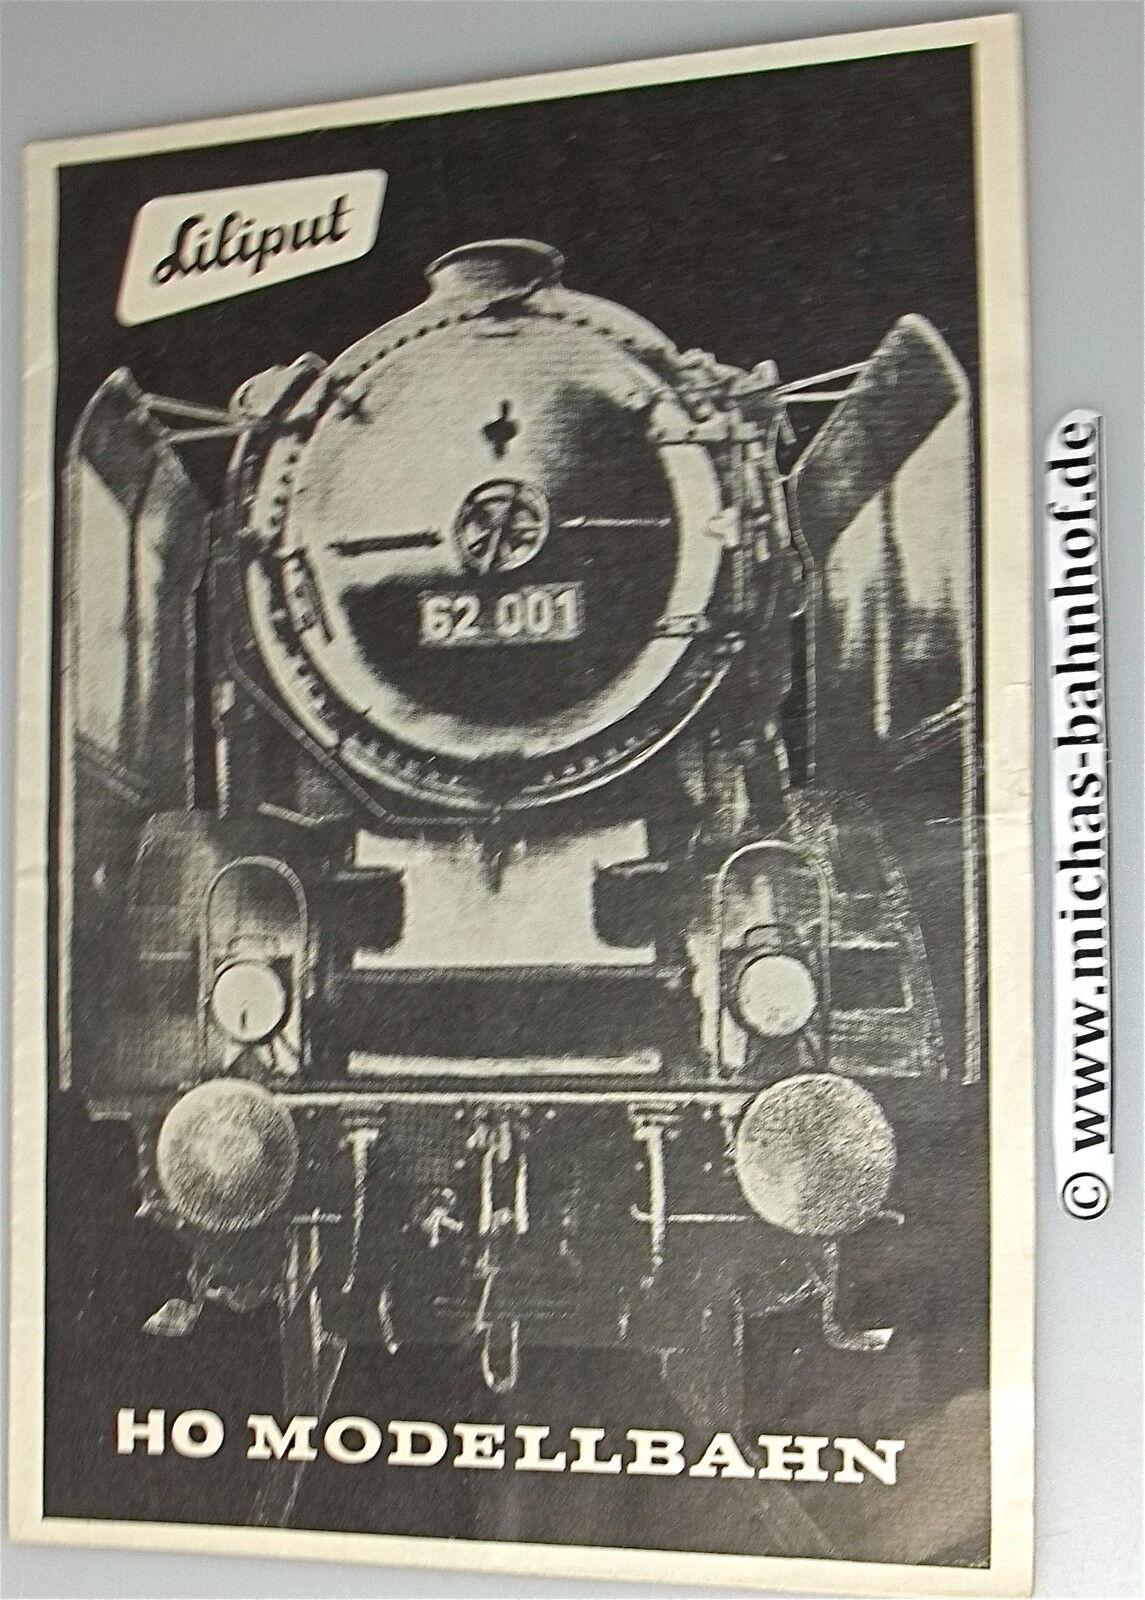 Liliput H0 Model Railway Brochure Leaflet Very Old Å